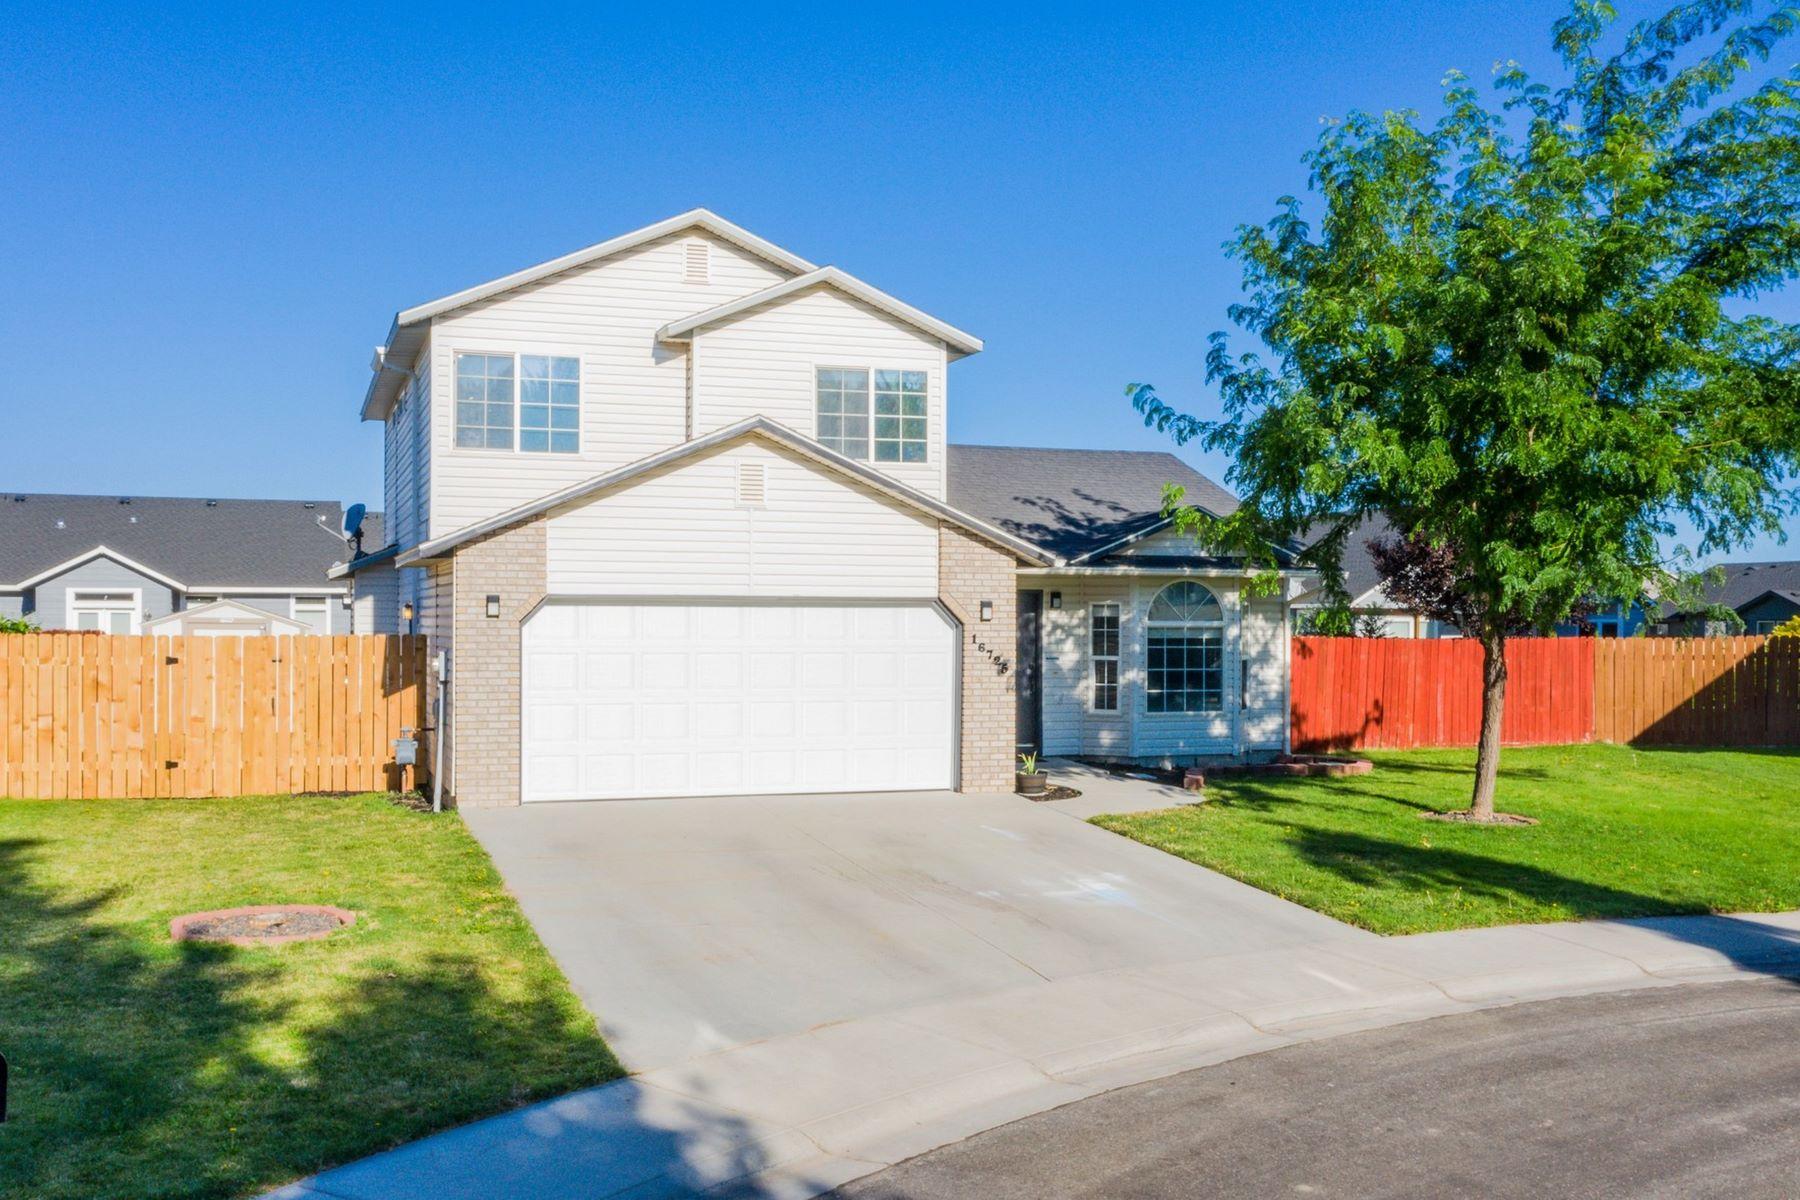 Single Family Homes for Active at 16725 Tullamore, Nampa 16725 Tullamore Nampa, Idaho 83687 United States